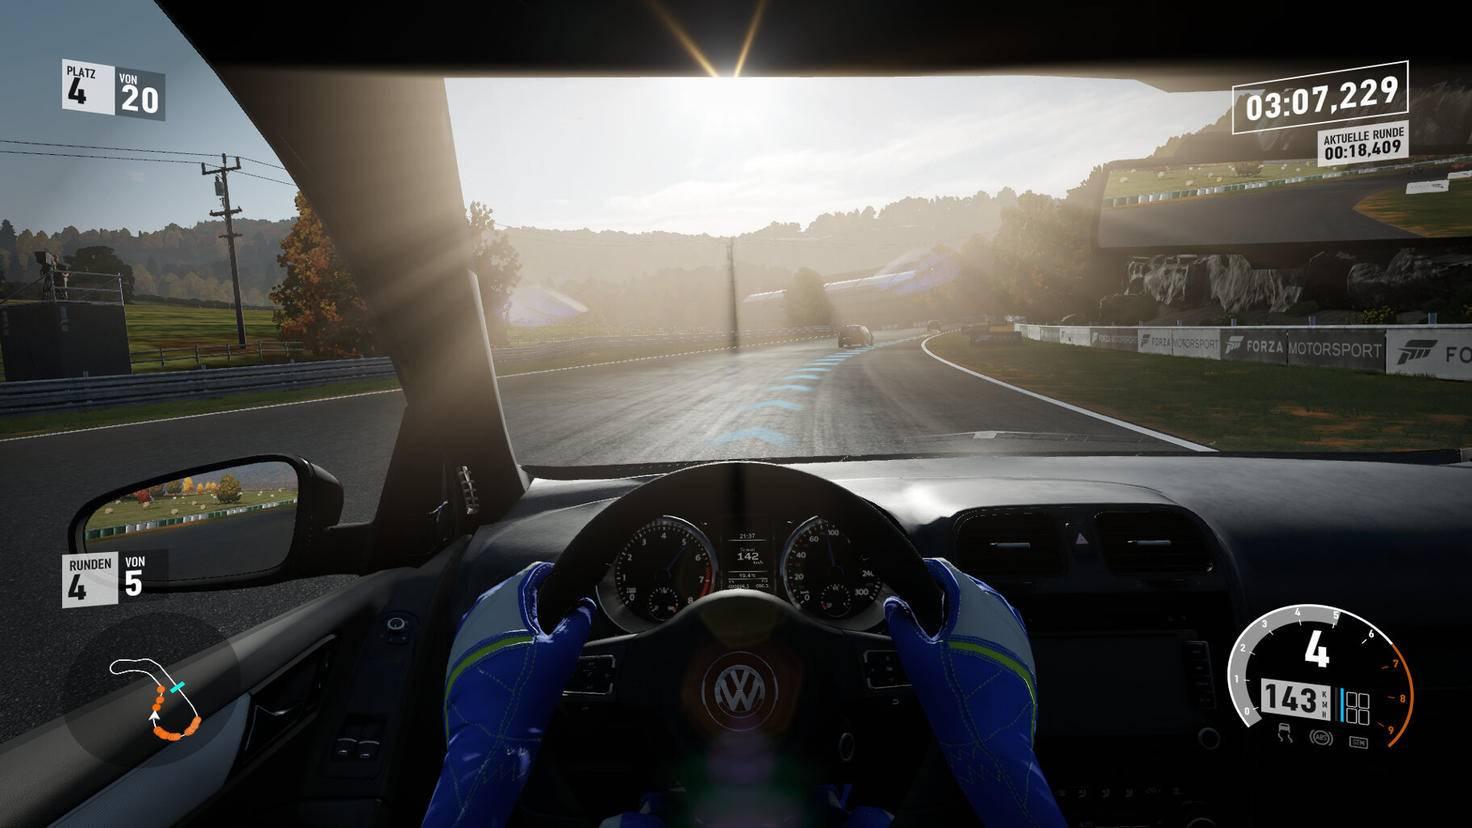 """Die Lichteffekte in """"Forza Motorsport 7"""" kommen schön zur Geltung."""